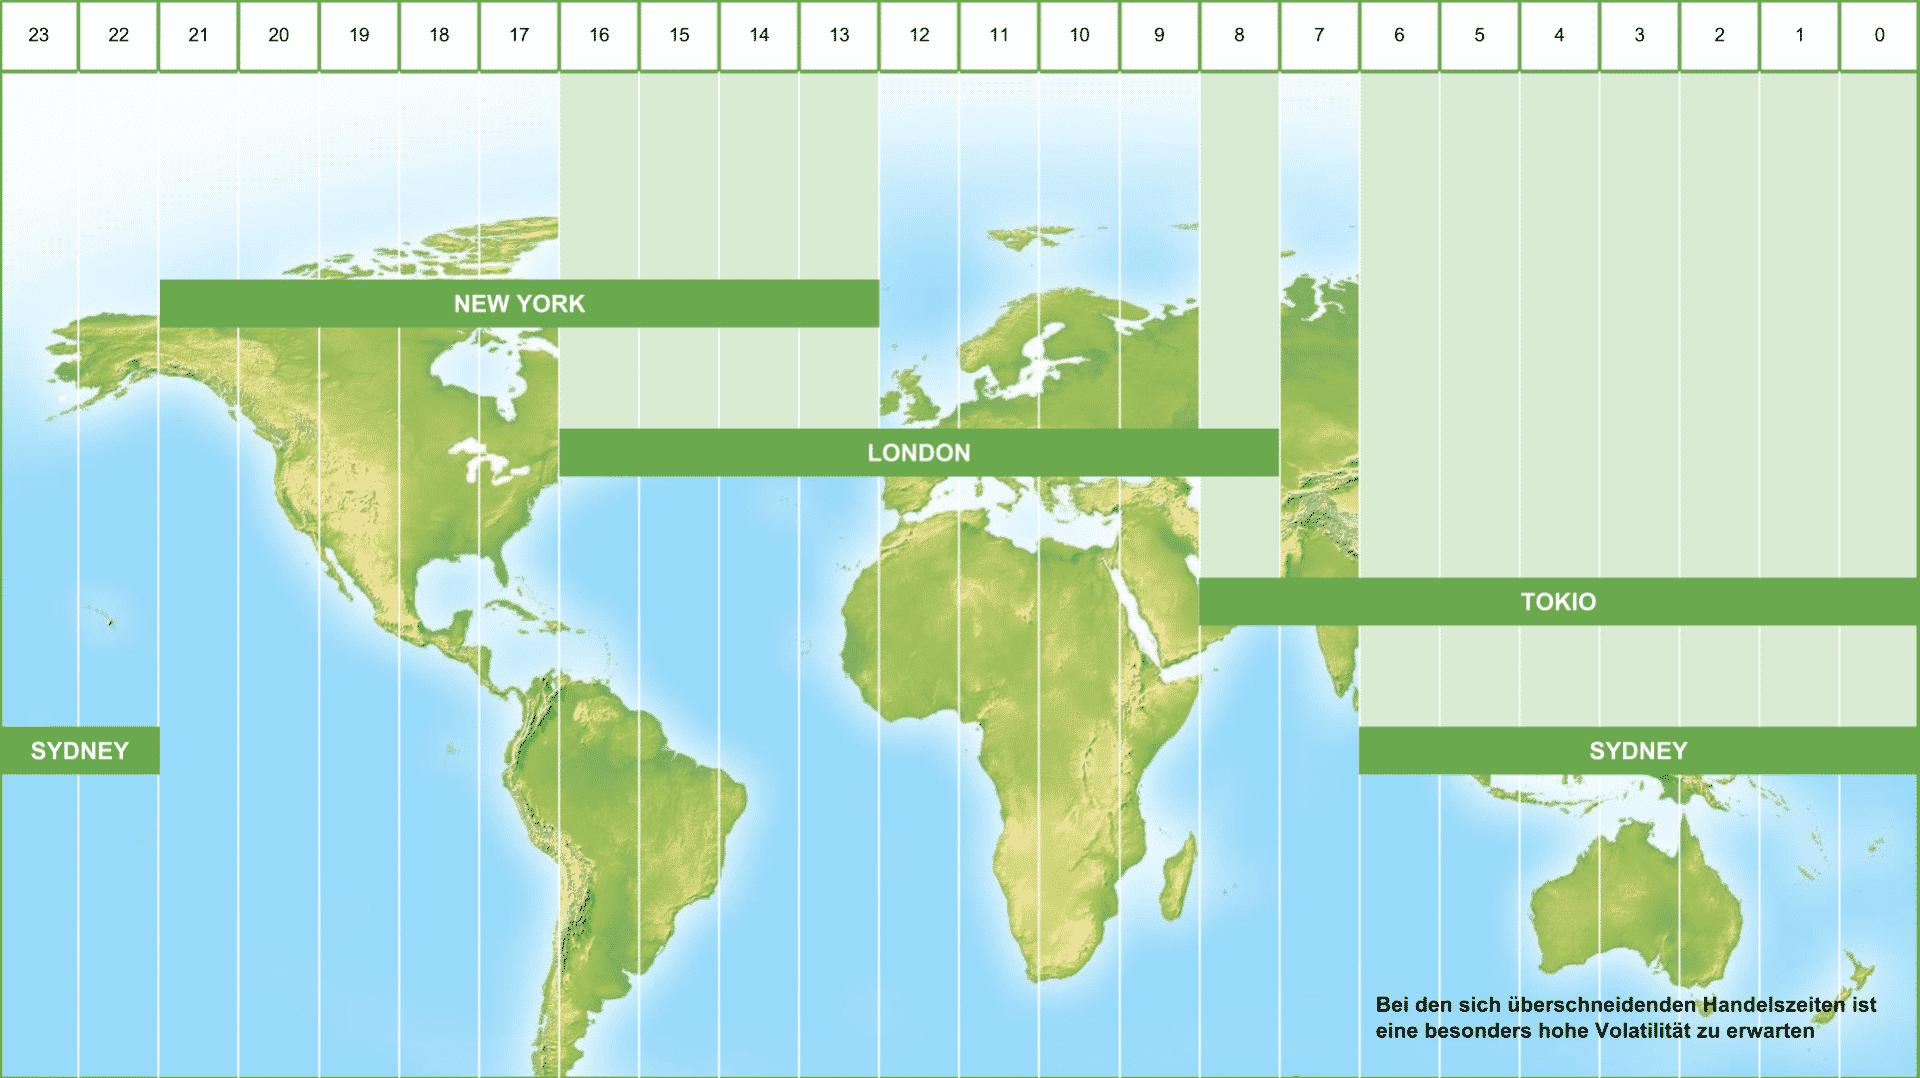 Börsenhandelszeiten weltweit